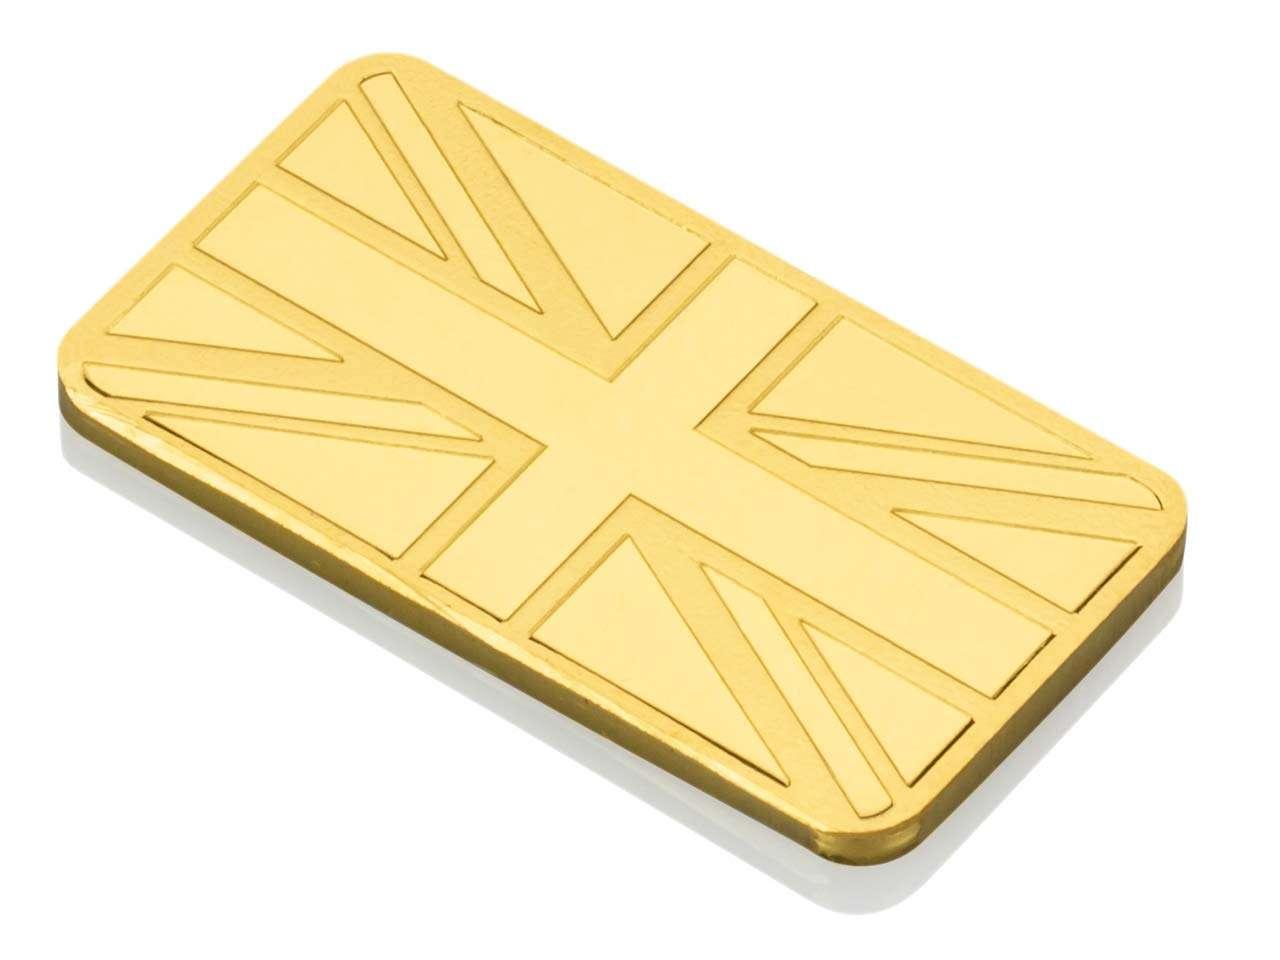 1 OUNCE (31.1g) FINE GOLD BAR